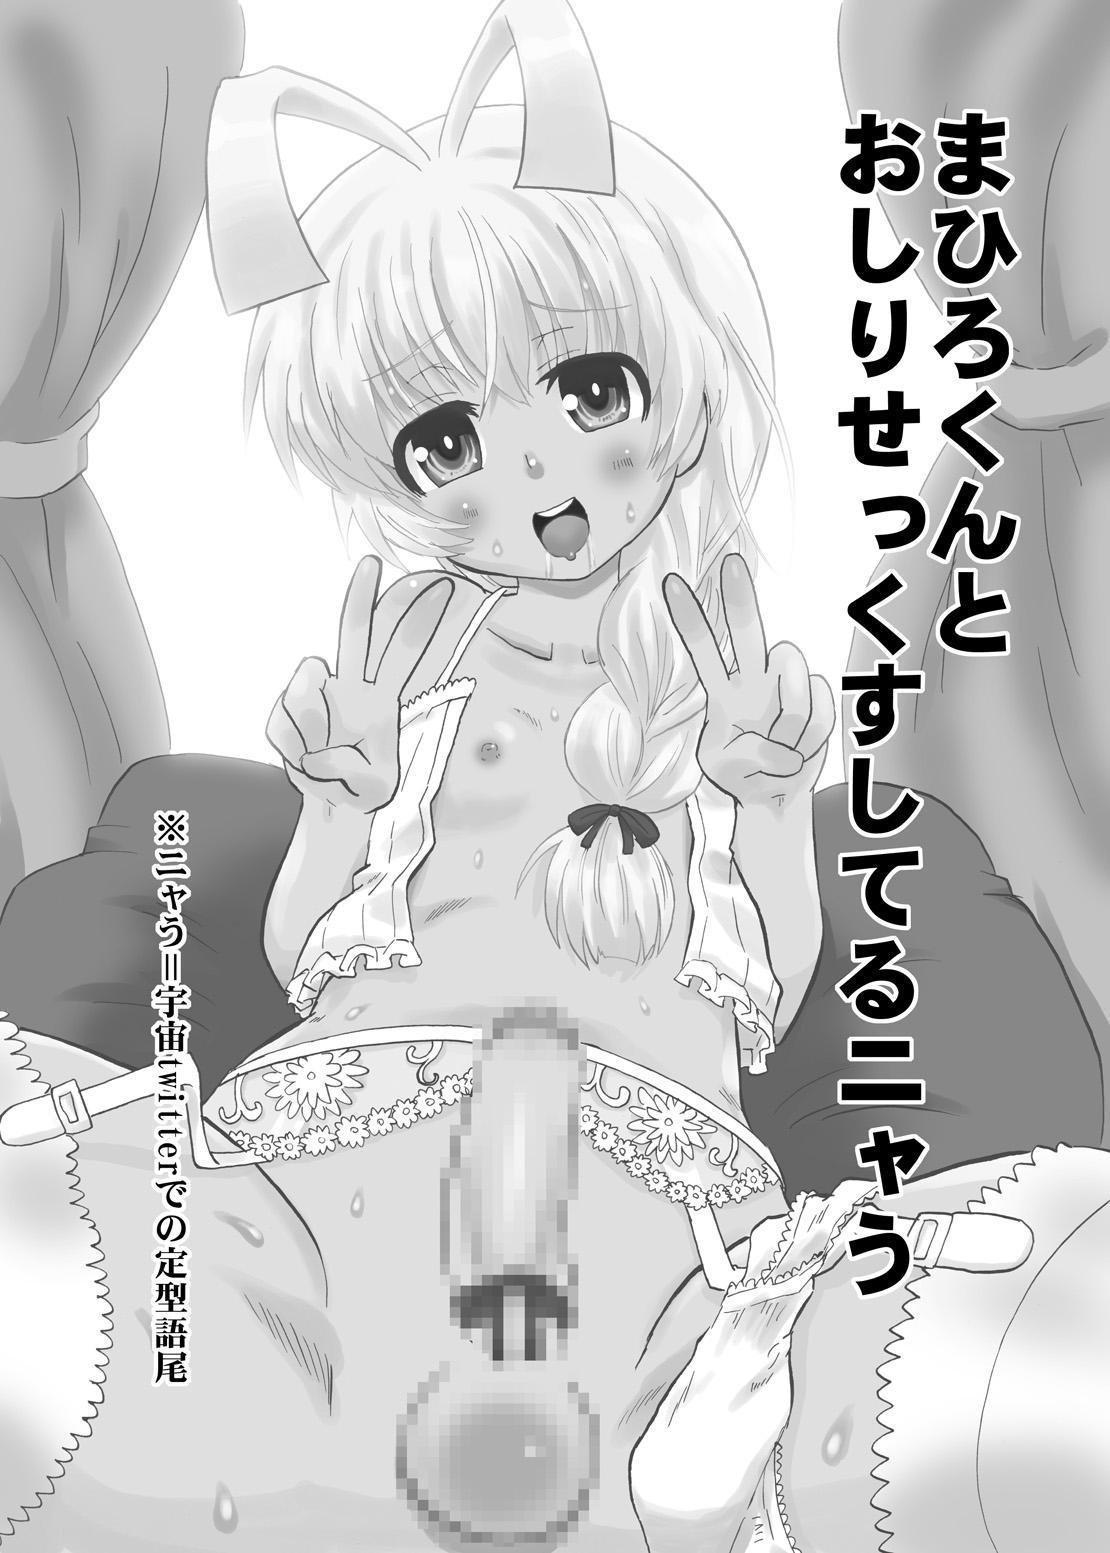 Mahiro-kun to Oshiri Sex shiteru Nyau 1